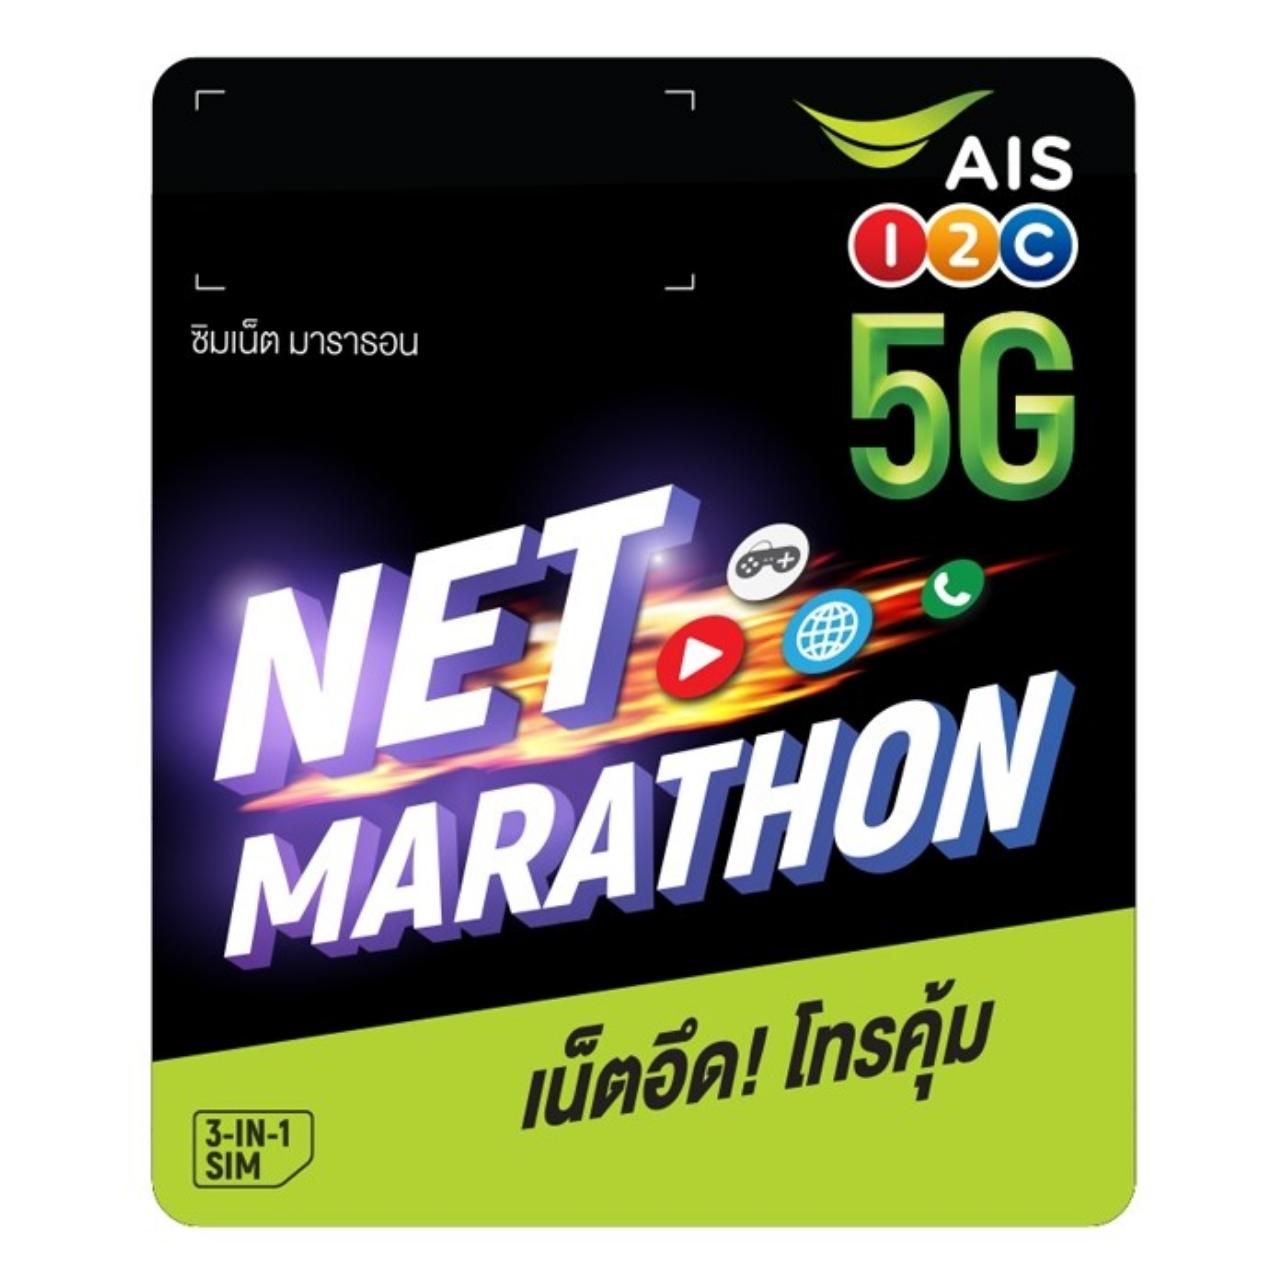 netmarathon